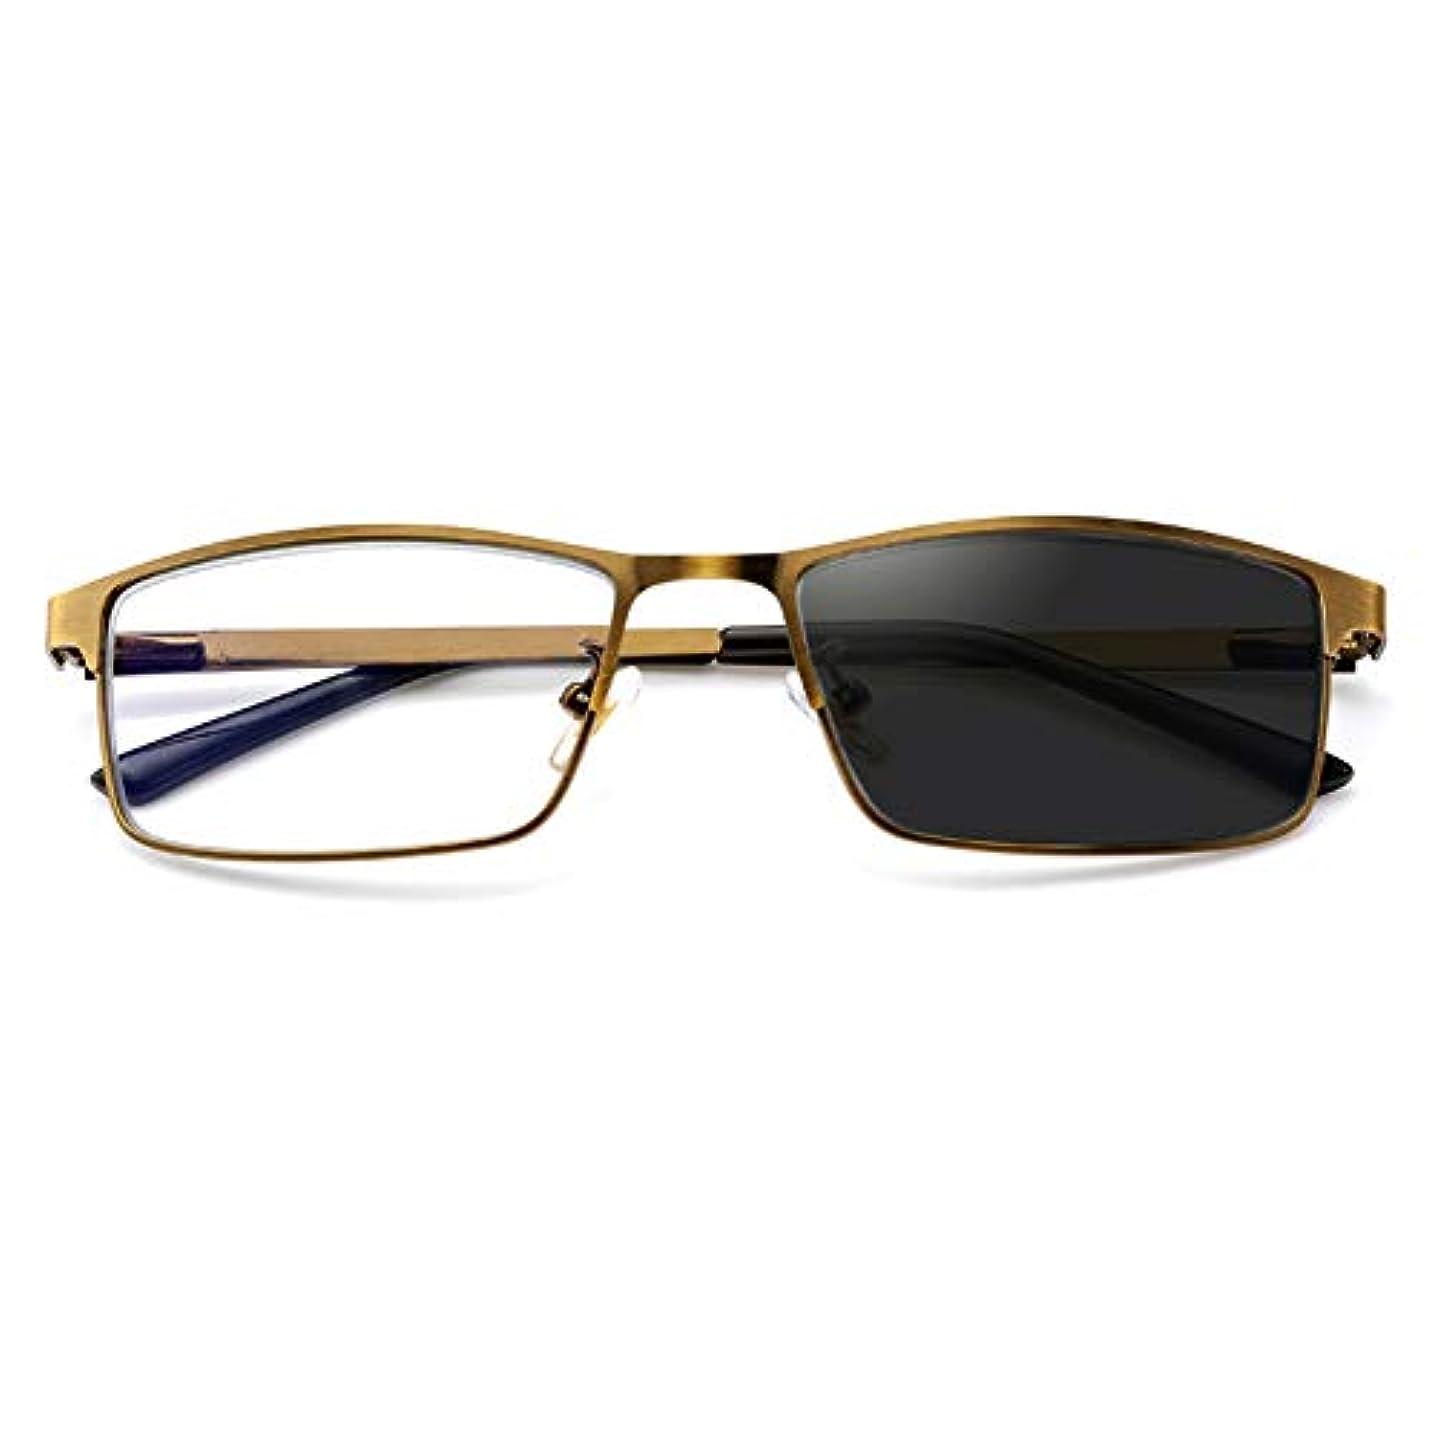 ファッション新しいトレンドサンフォトクロミック老眼鏡、多焦点視度調節可能なメガネ、アンチアイストレイン、UVプロテクション、アウトドアスポーツの読書に適しています